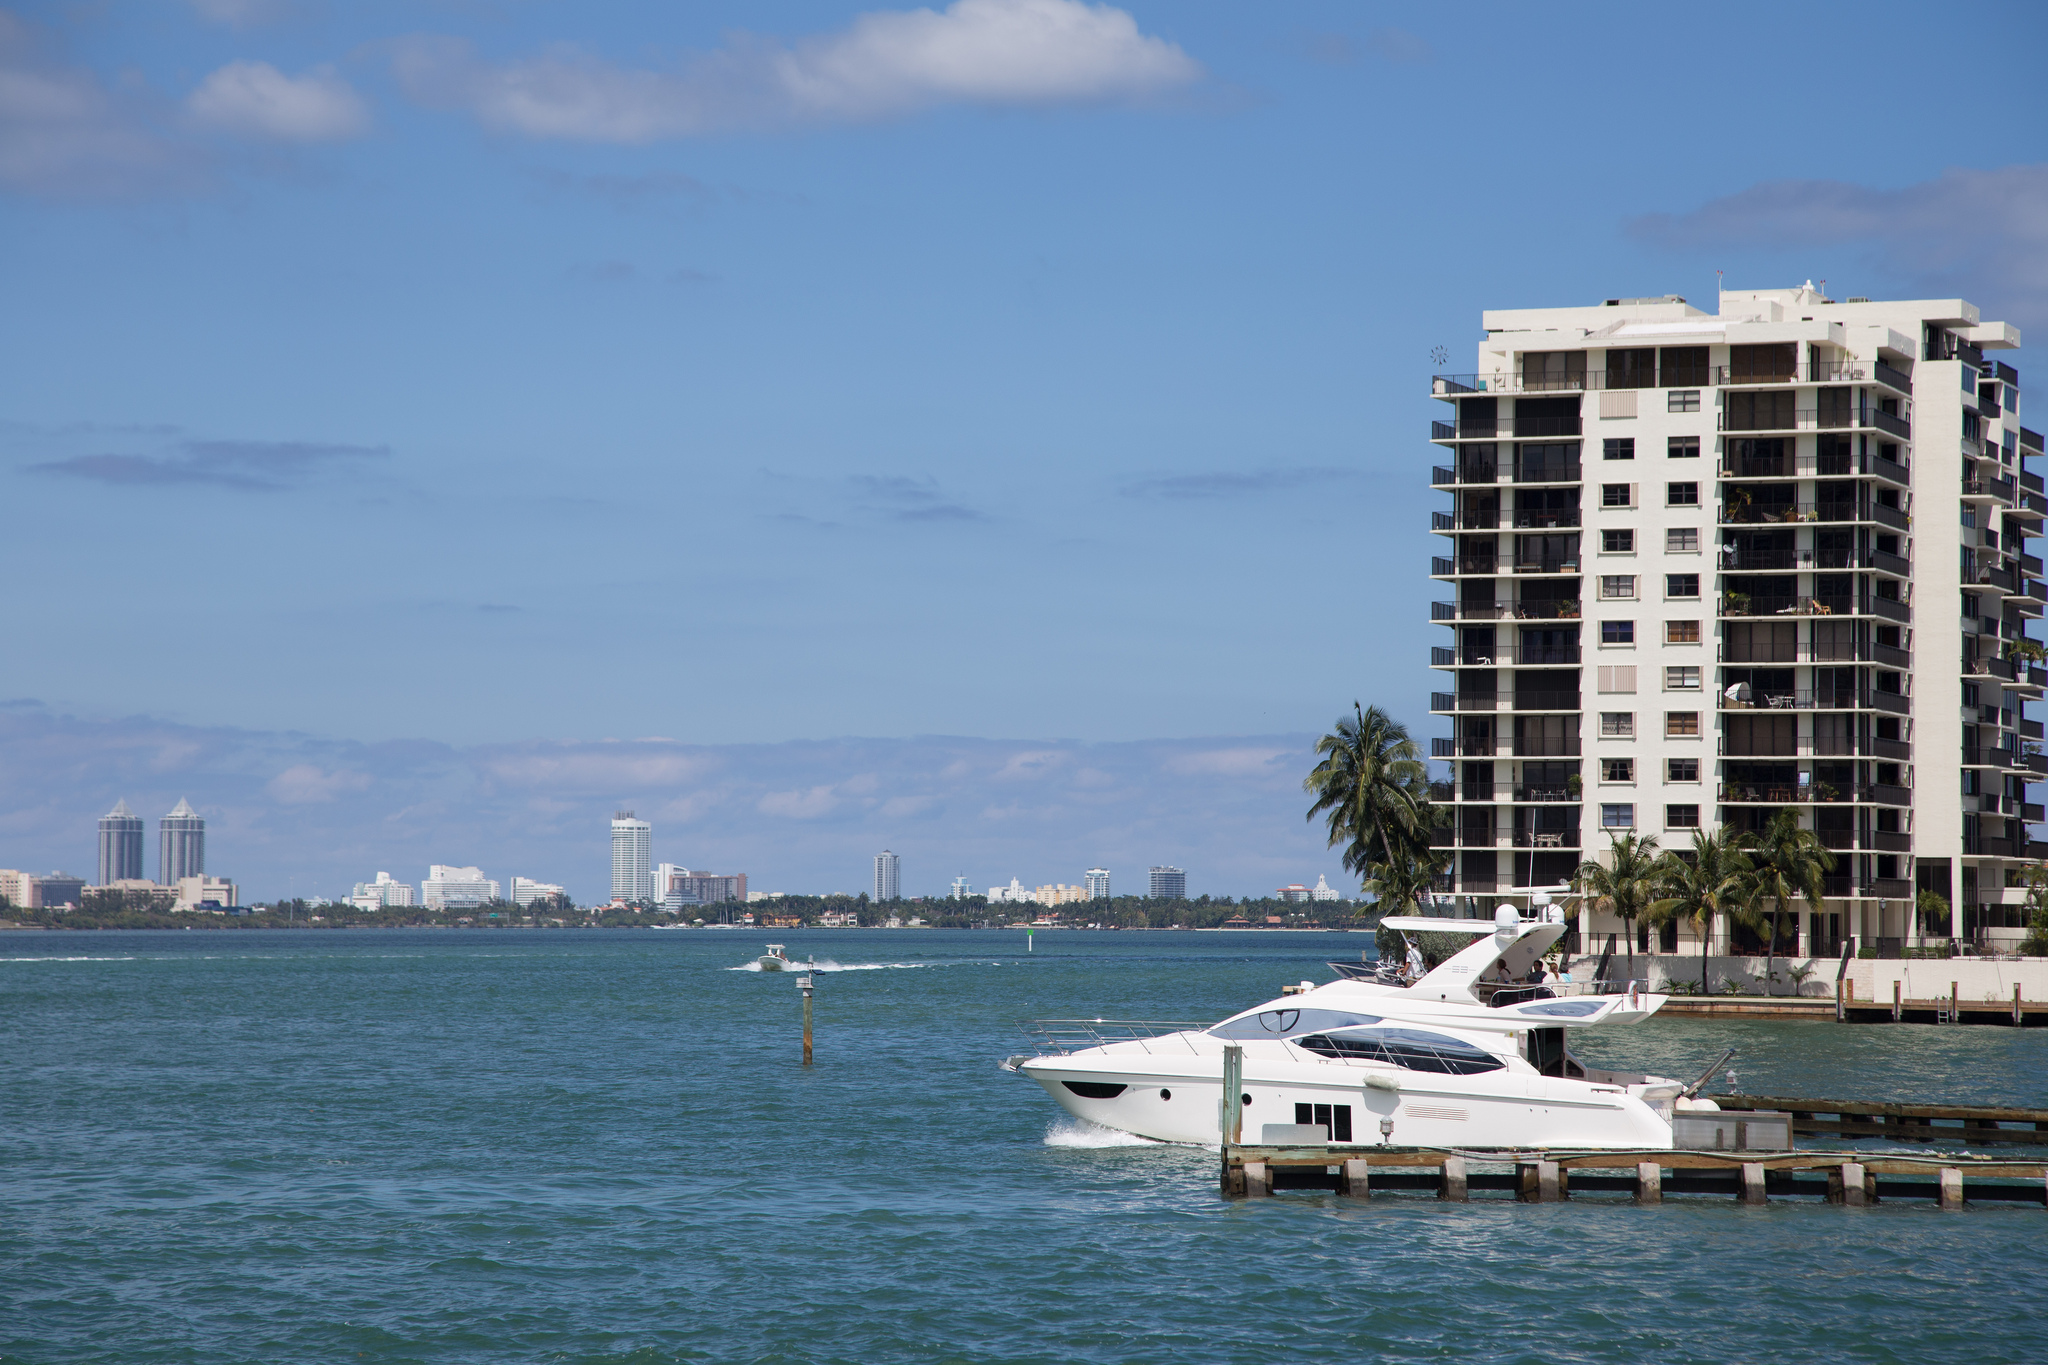 Wandering around Miami